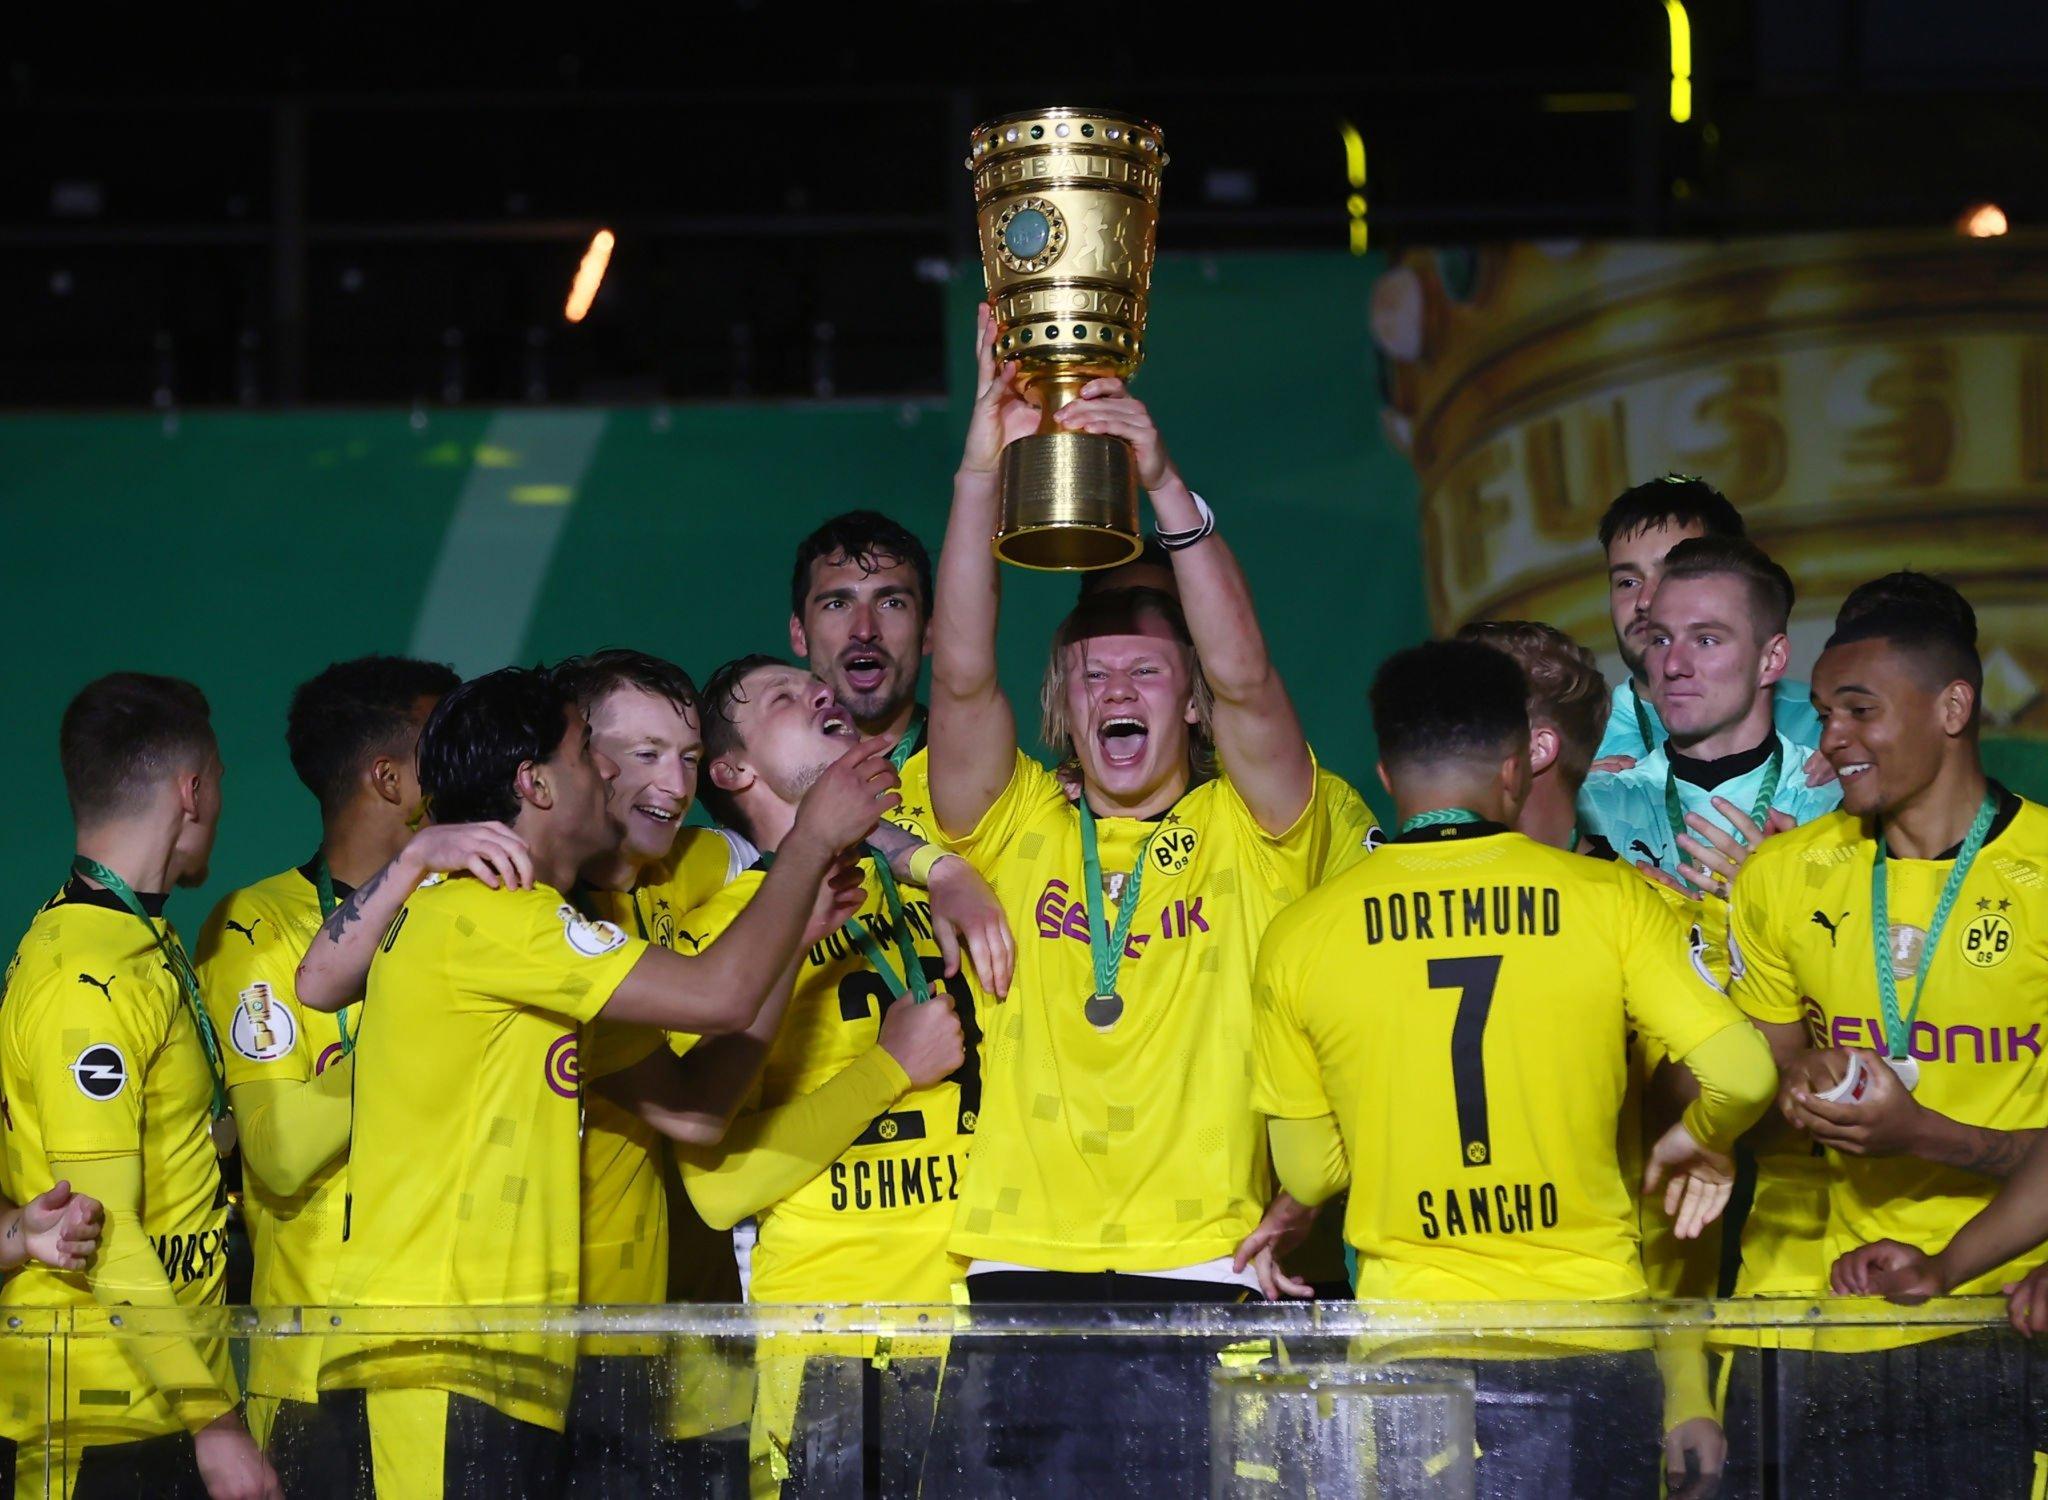 Haaland lần đầu được cùng Dortmund nâng cup sau khi thắng RB Leipzig 4-1 ở chung kết Cup Quốc gia Đức trên sân Olympic, Berlin hôm 13/5. Ảnh: DPA